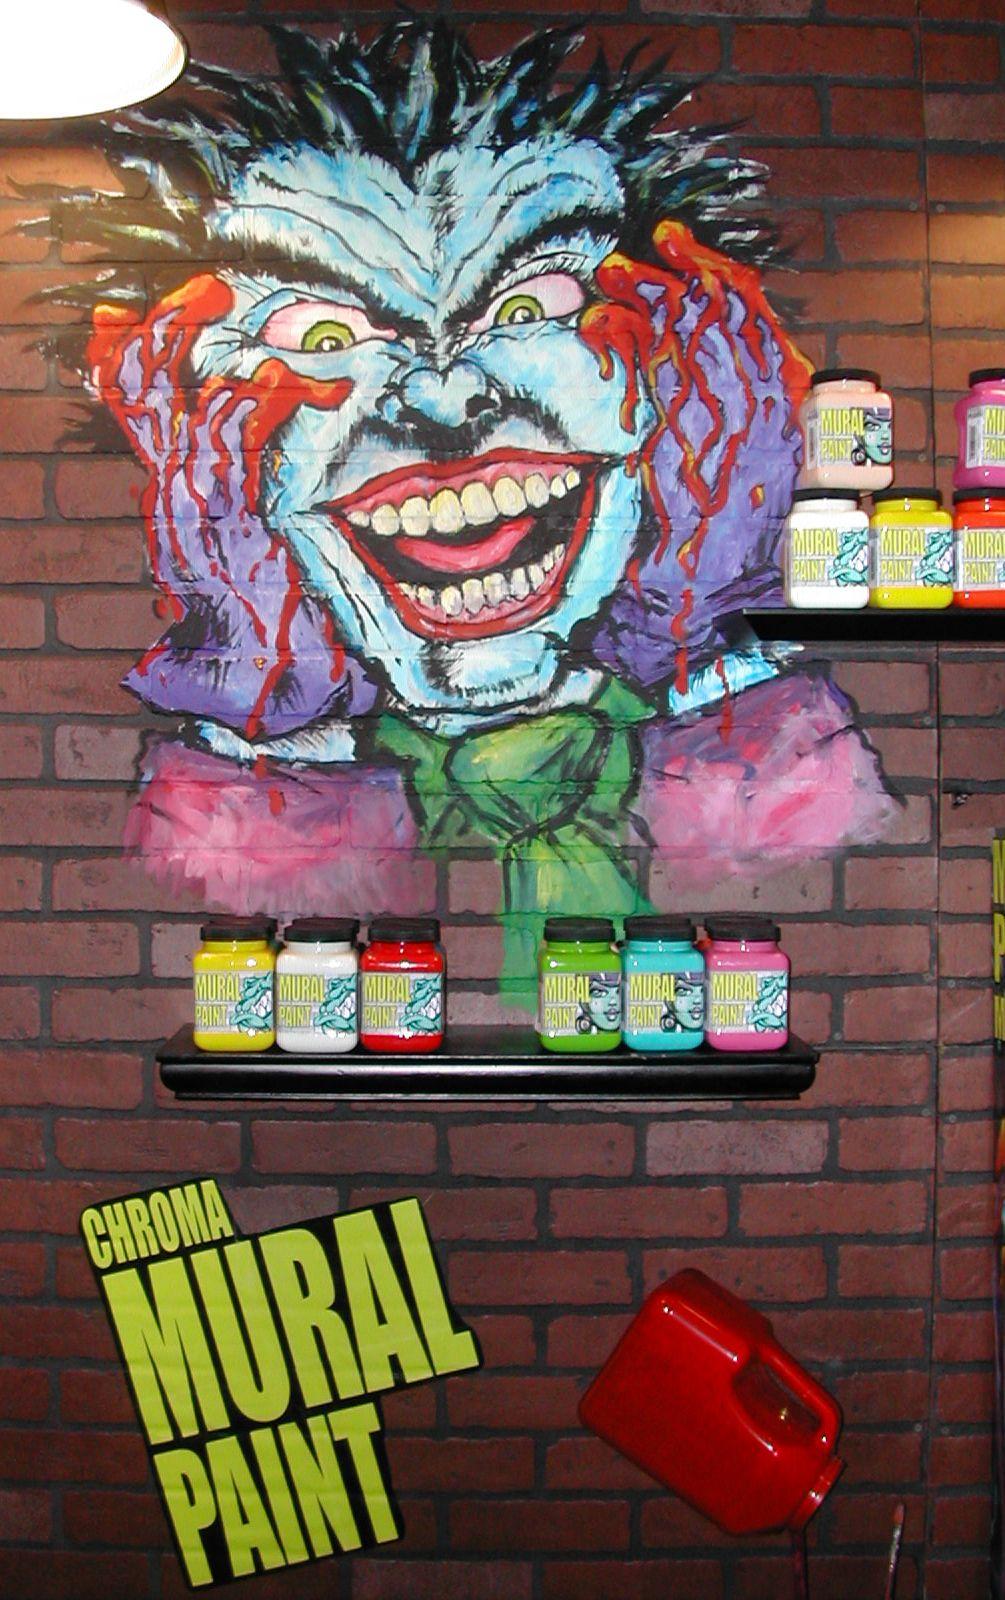 Chroma Mural Markers Design recreated by Chroma's Resident Artist, Jennifer VonStein using Chroma Mural Paint & Mural Paint Markers